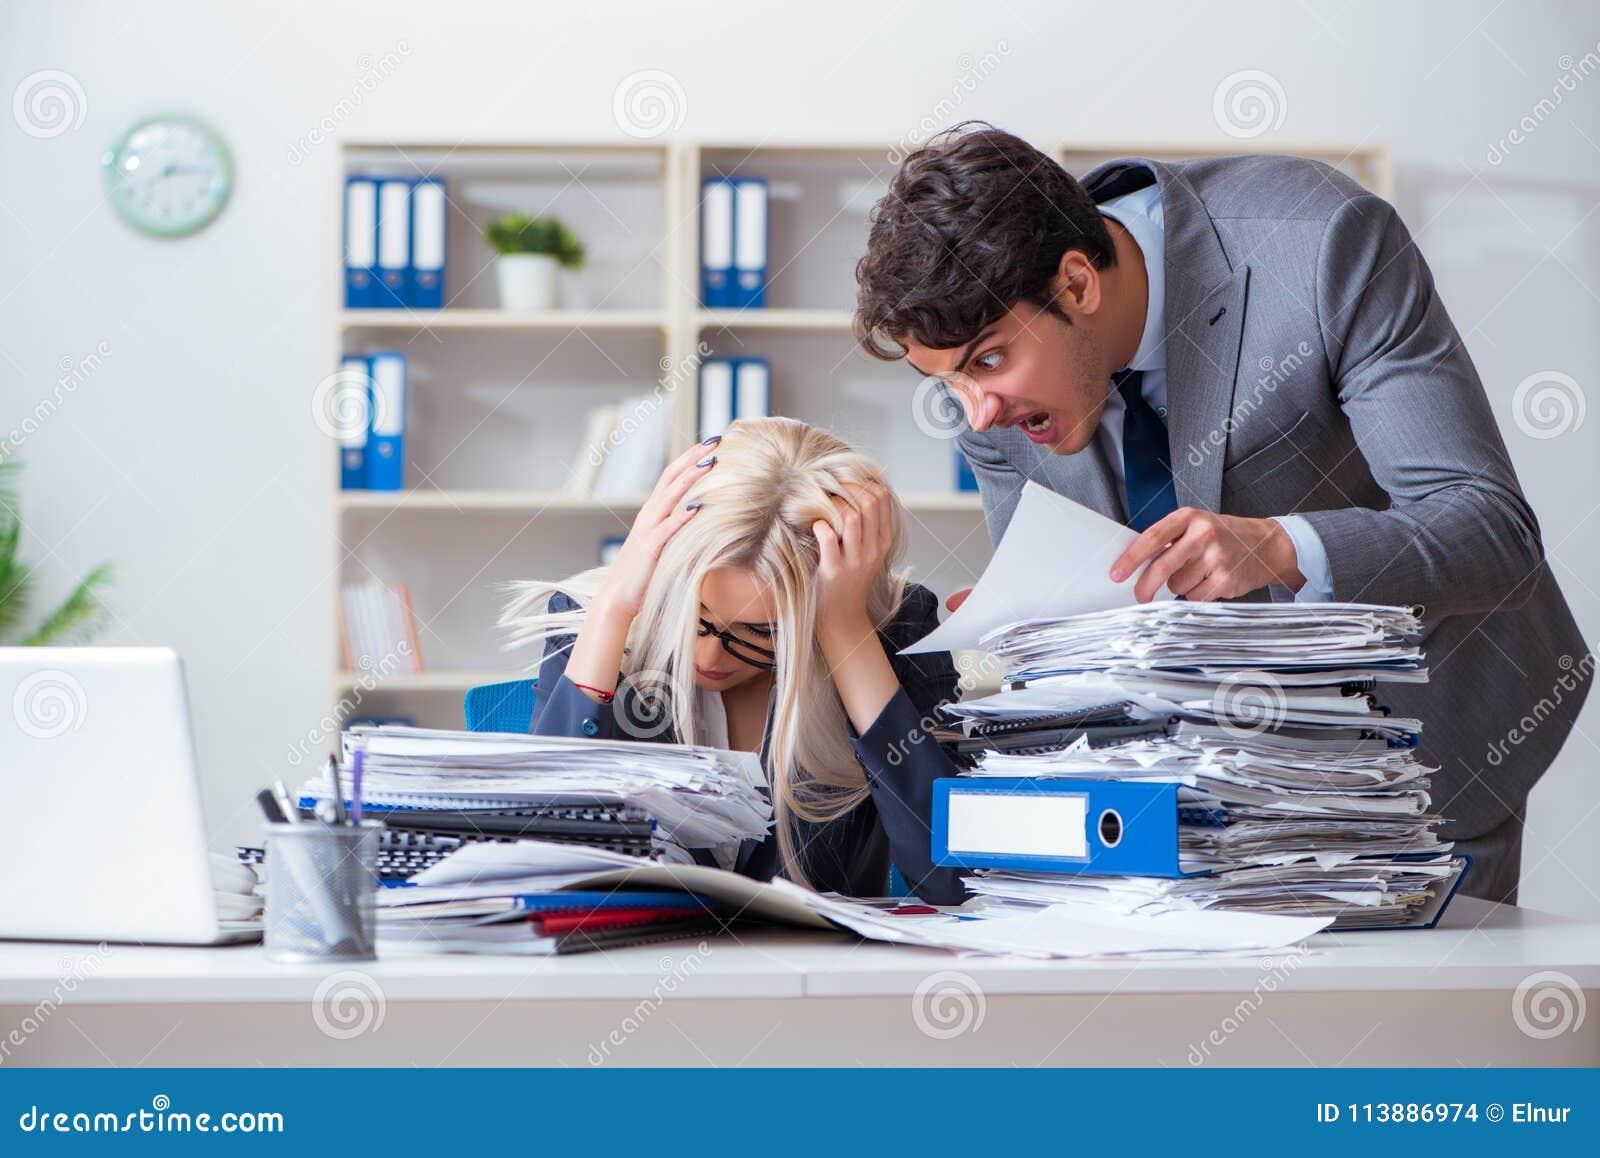 Le patron furieux fâché hurlant et criant à son employé de secrétaire